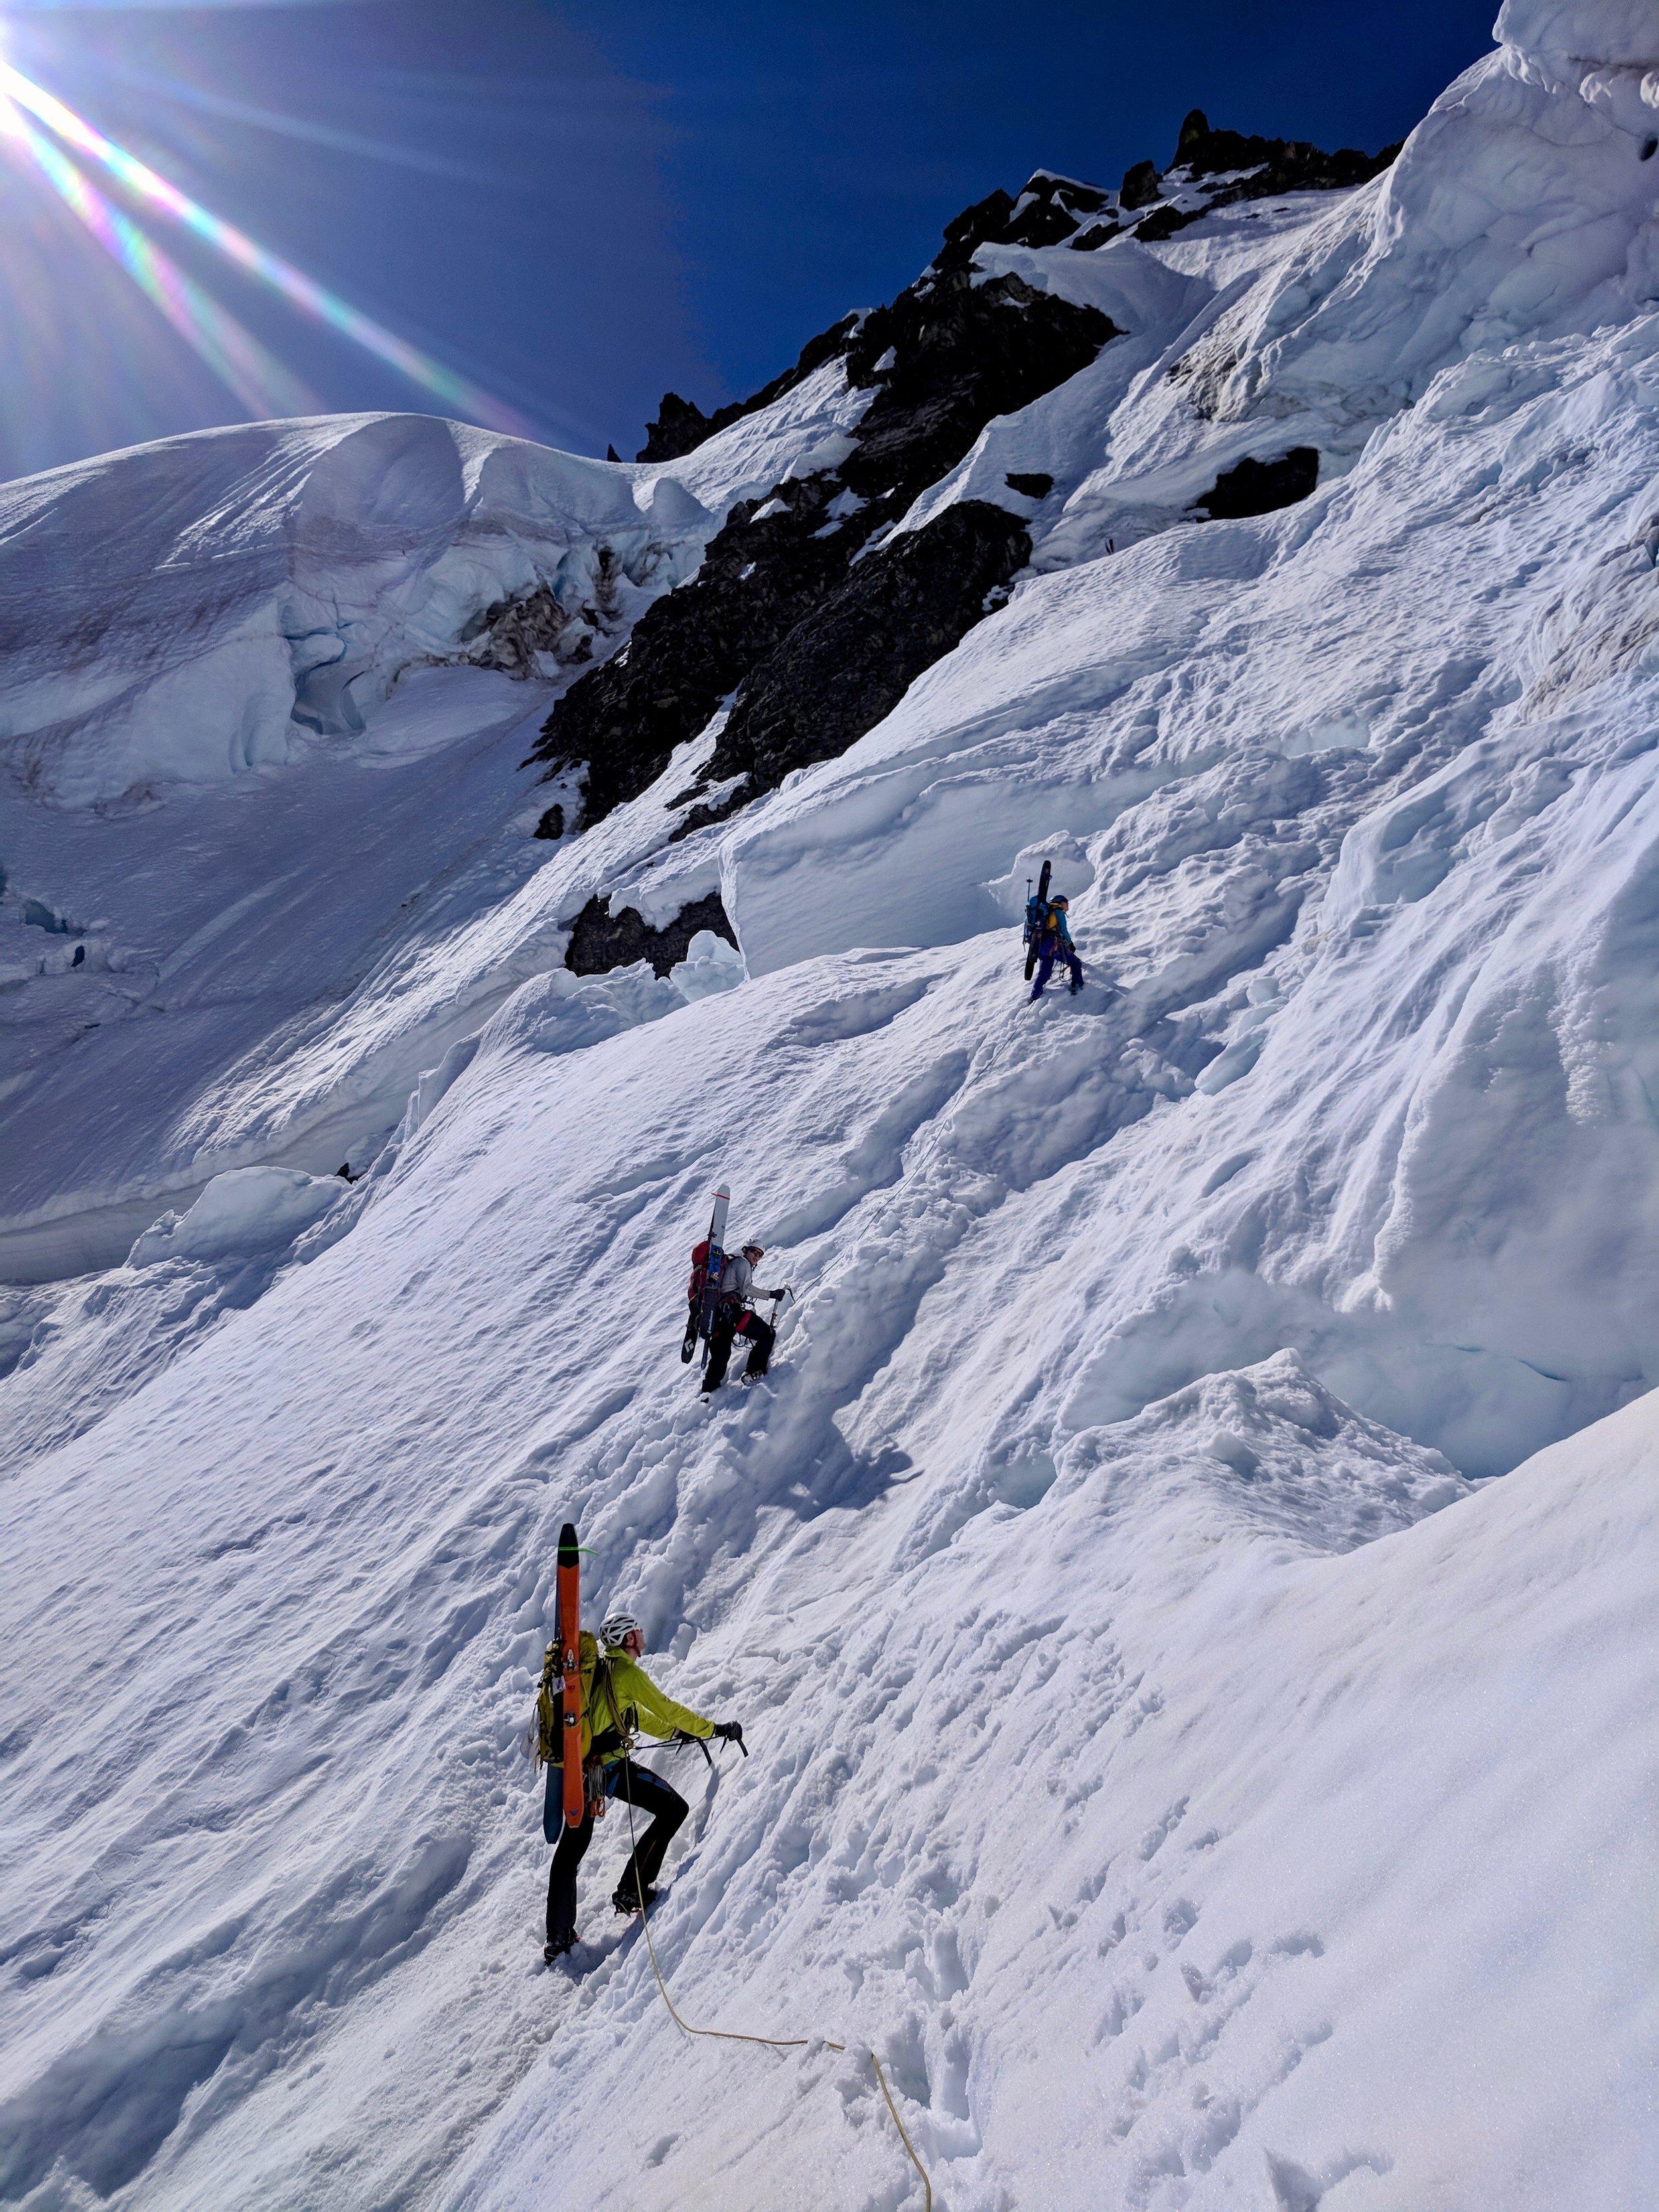 Getting close to the bergschrund